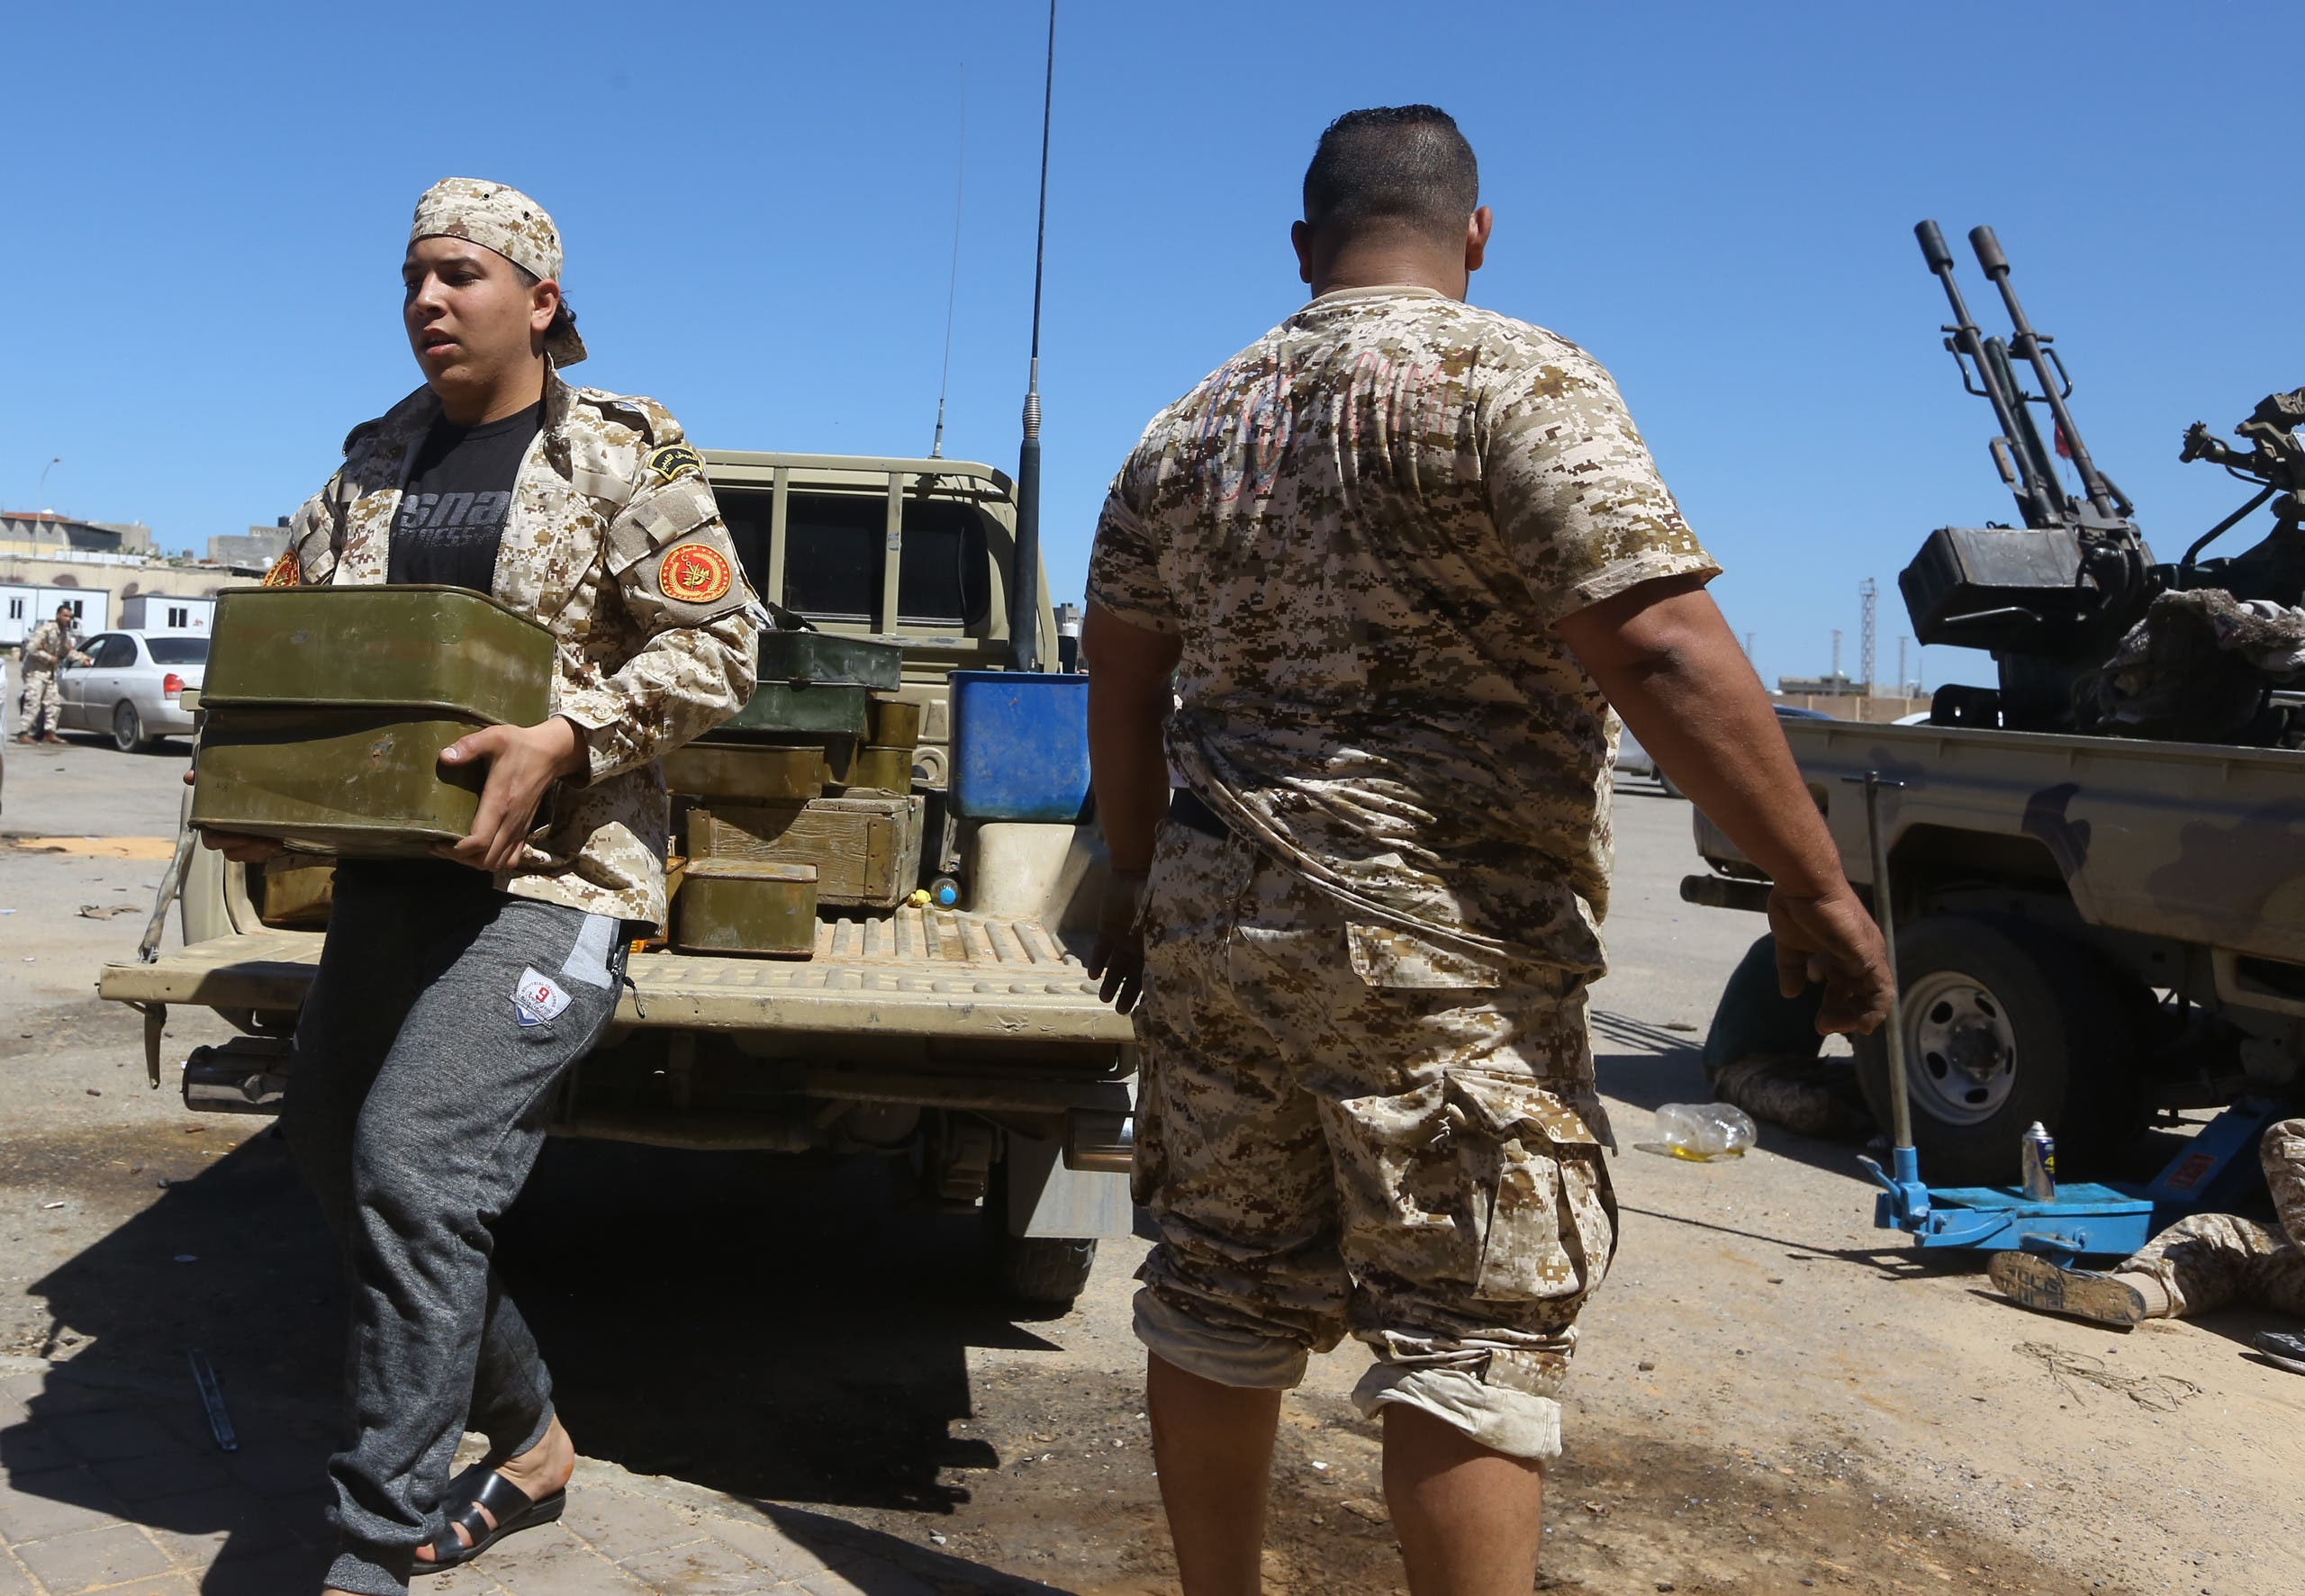 عناصر مسلحة في مصراتة موالية لحكومة الوفاق الليبية(فرانس برس- أرشيفية)